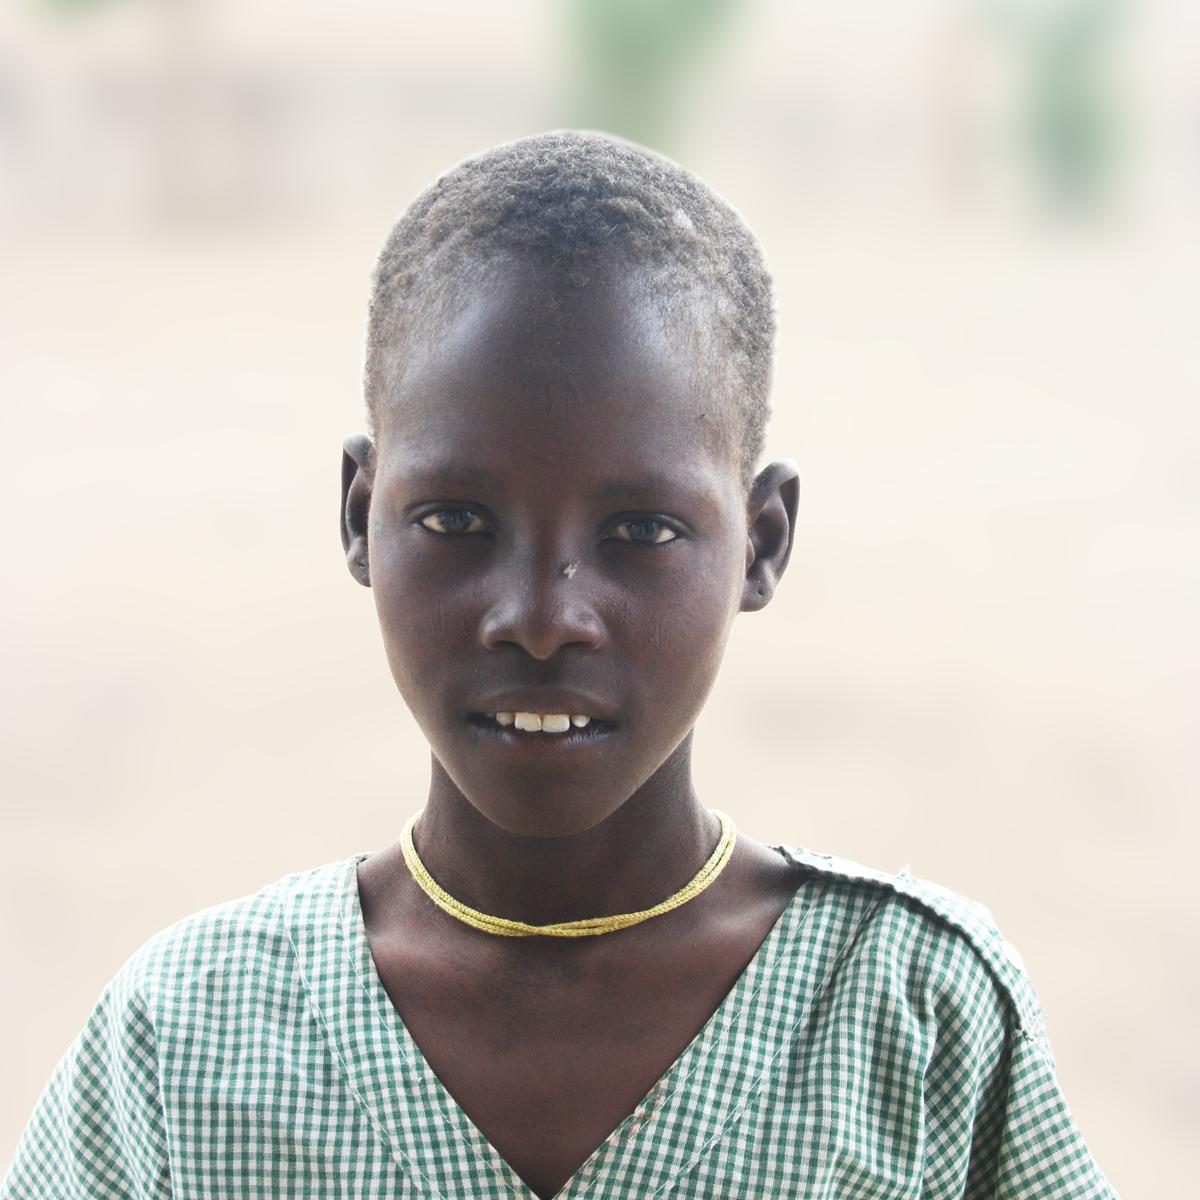 Ashu es el pequeño de 5 hermanos. Hoy nos enseña, feliz, el uniforme del cole: Es el símbolo de su nueva vida, en la que está empezando a leer, escribir, a hablar inglés...  Ahora podrá soñar con nuevos futuros. ¿Qué querrá ser de mayor?¿Médico?,¿Profesor?... Sea lo que sea, ahora será más fácil.